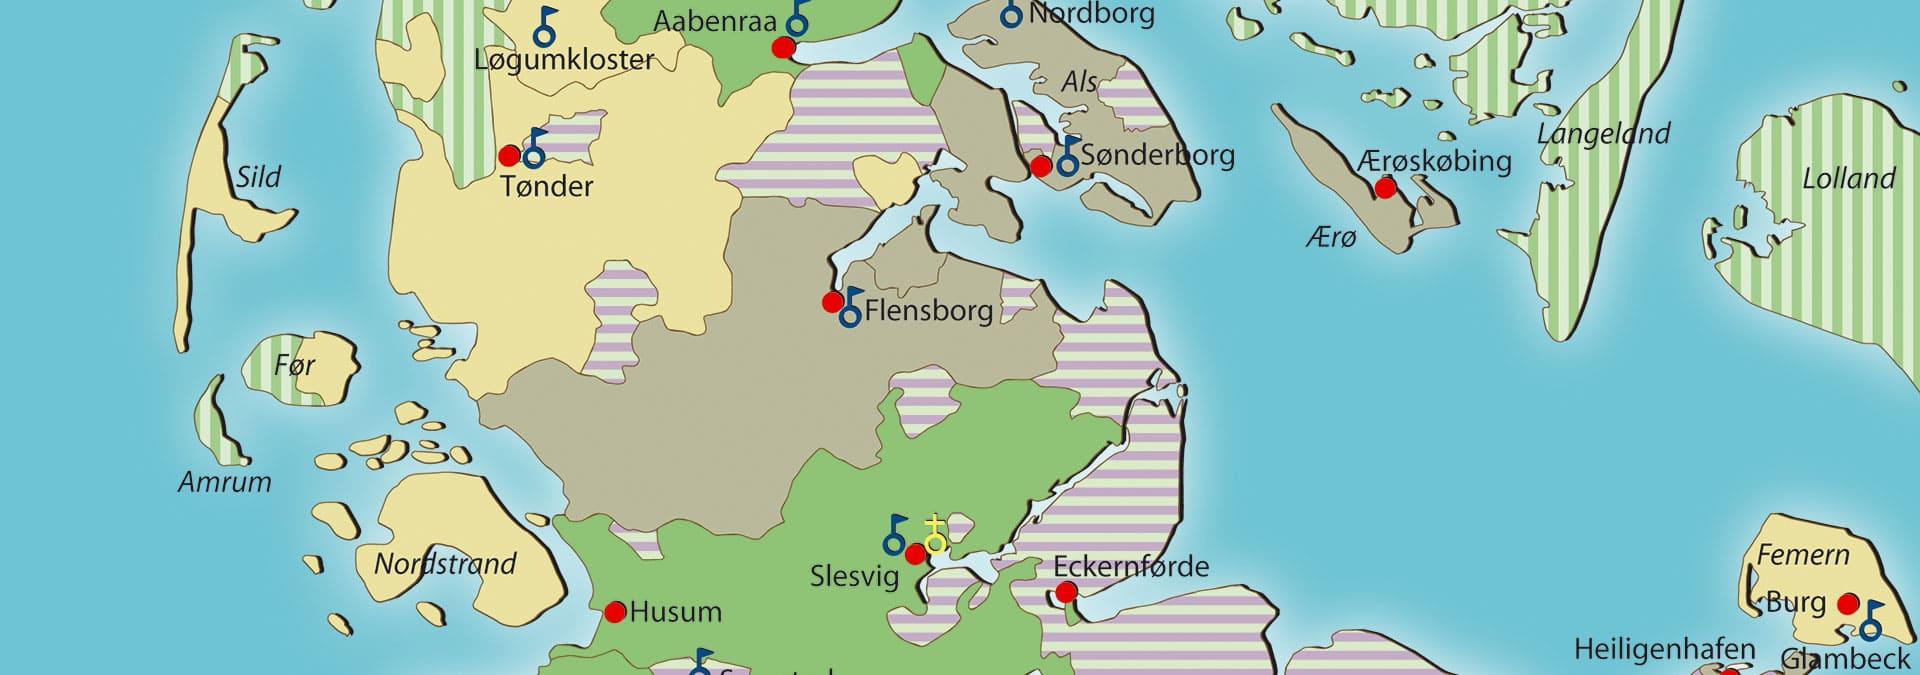 FOREDRAG: Hertuger i Slesvig gennem tiderne